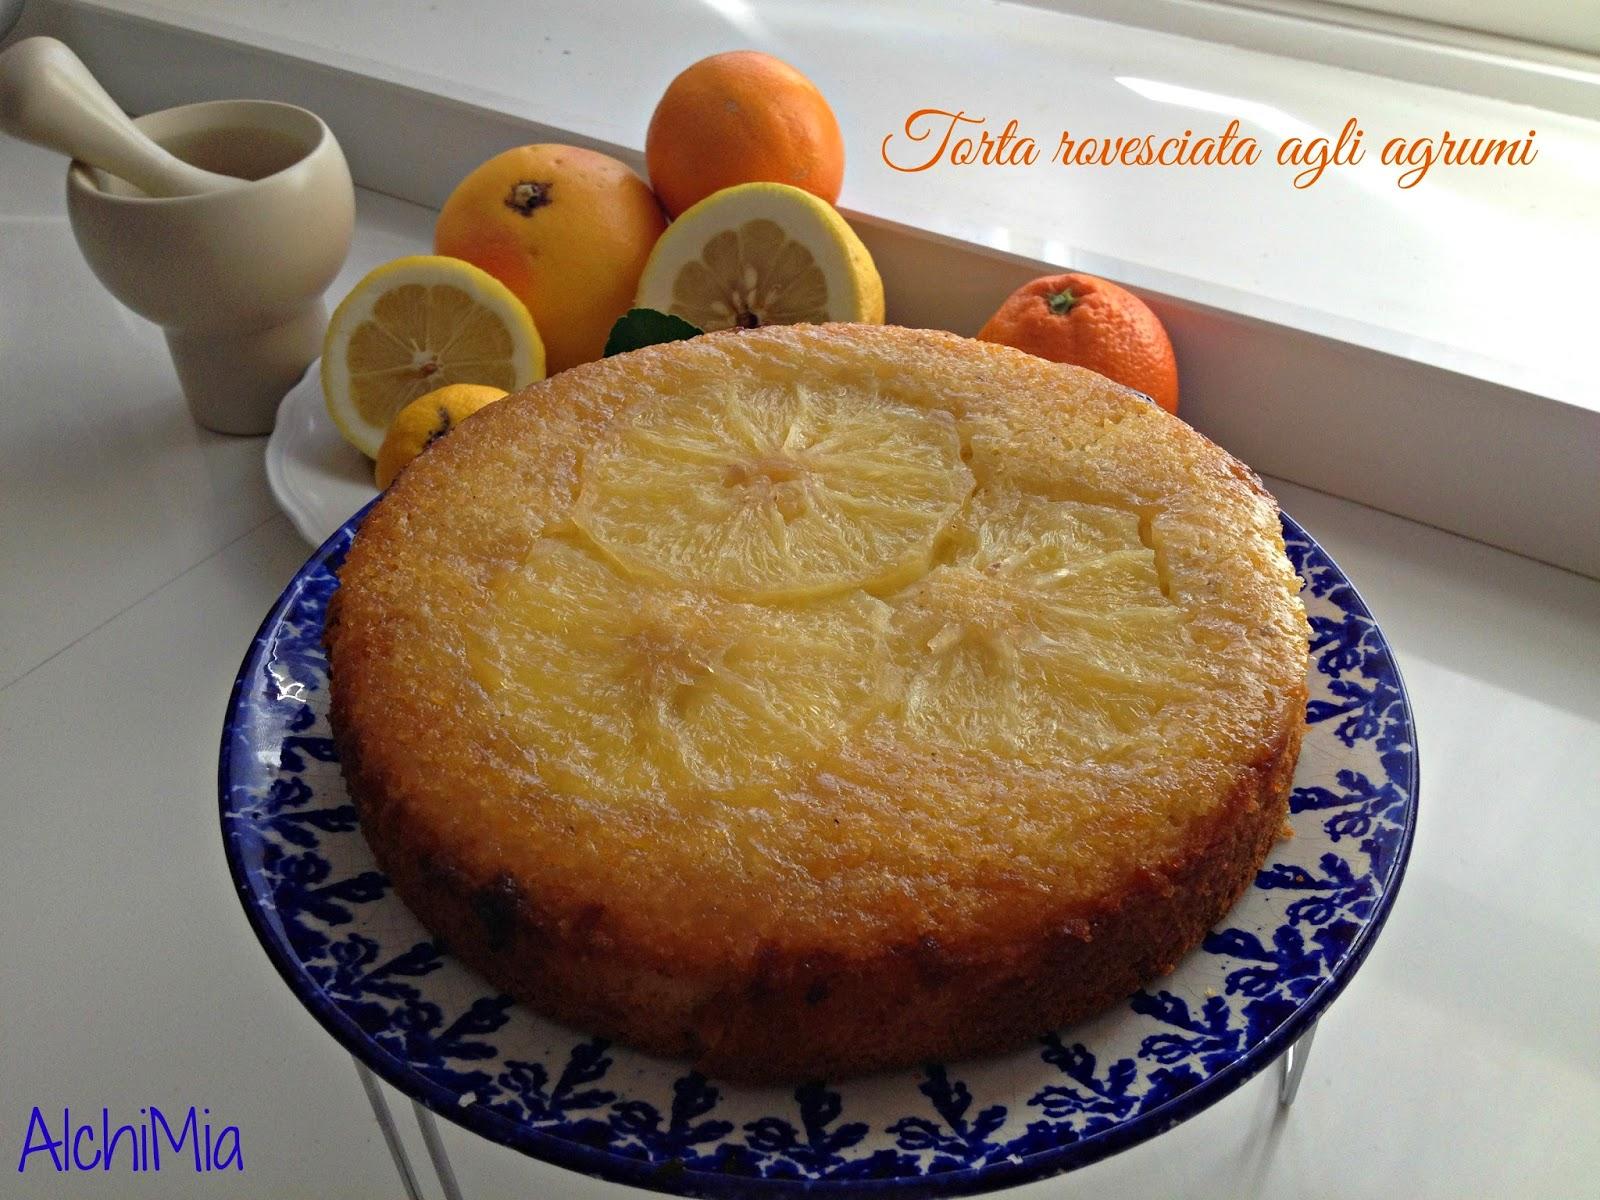 torta speziata agli agrumi per un compleanno speciale